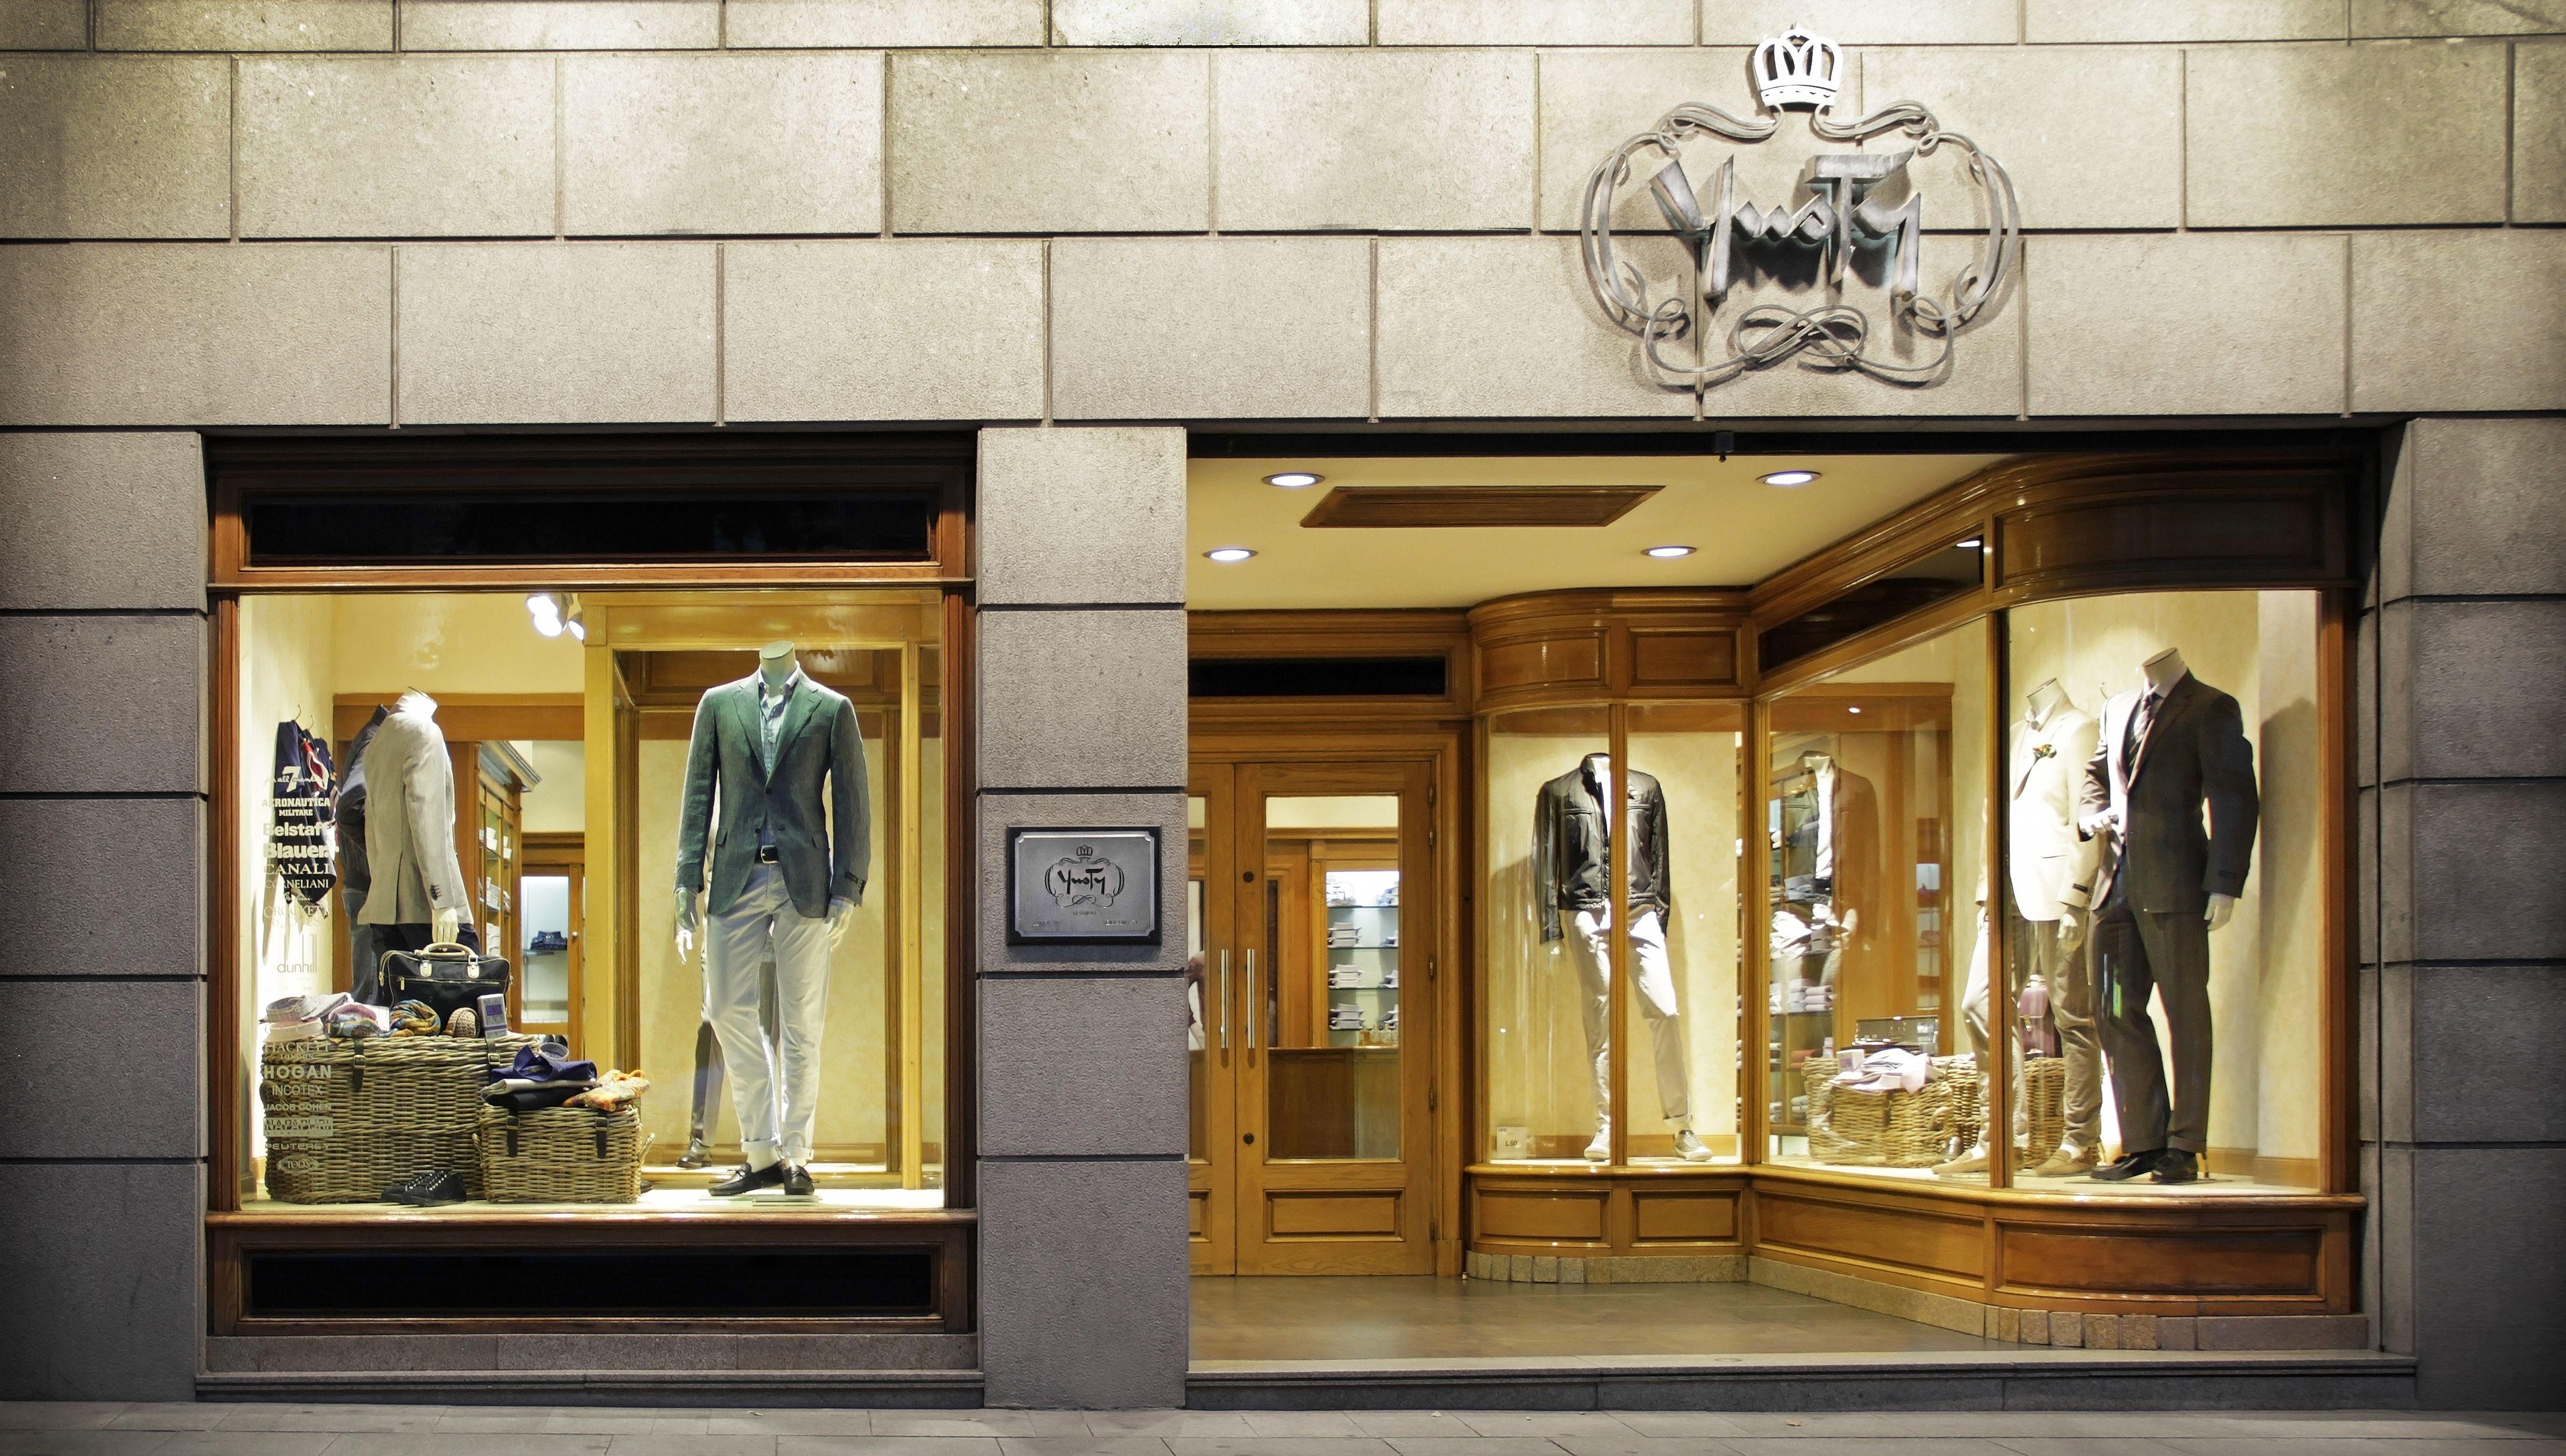 Fachada de nuestra tienda YUSTY Serrano     C/ Serrano 54 28001 Madrid Telf:  91 435 07 38